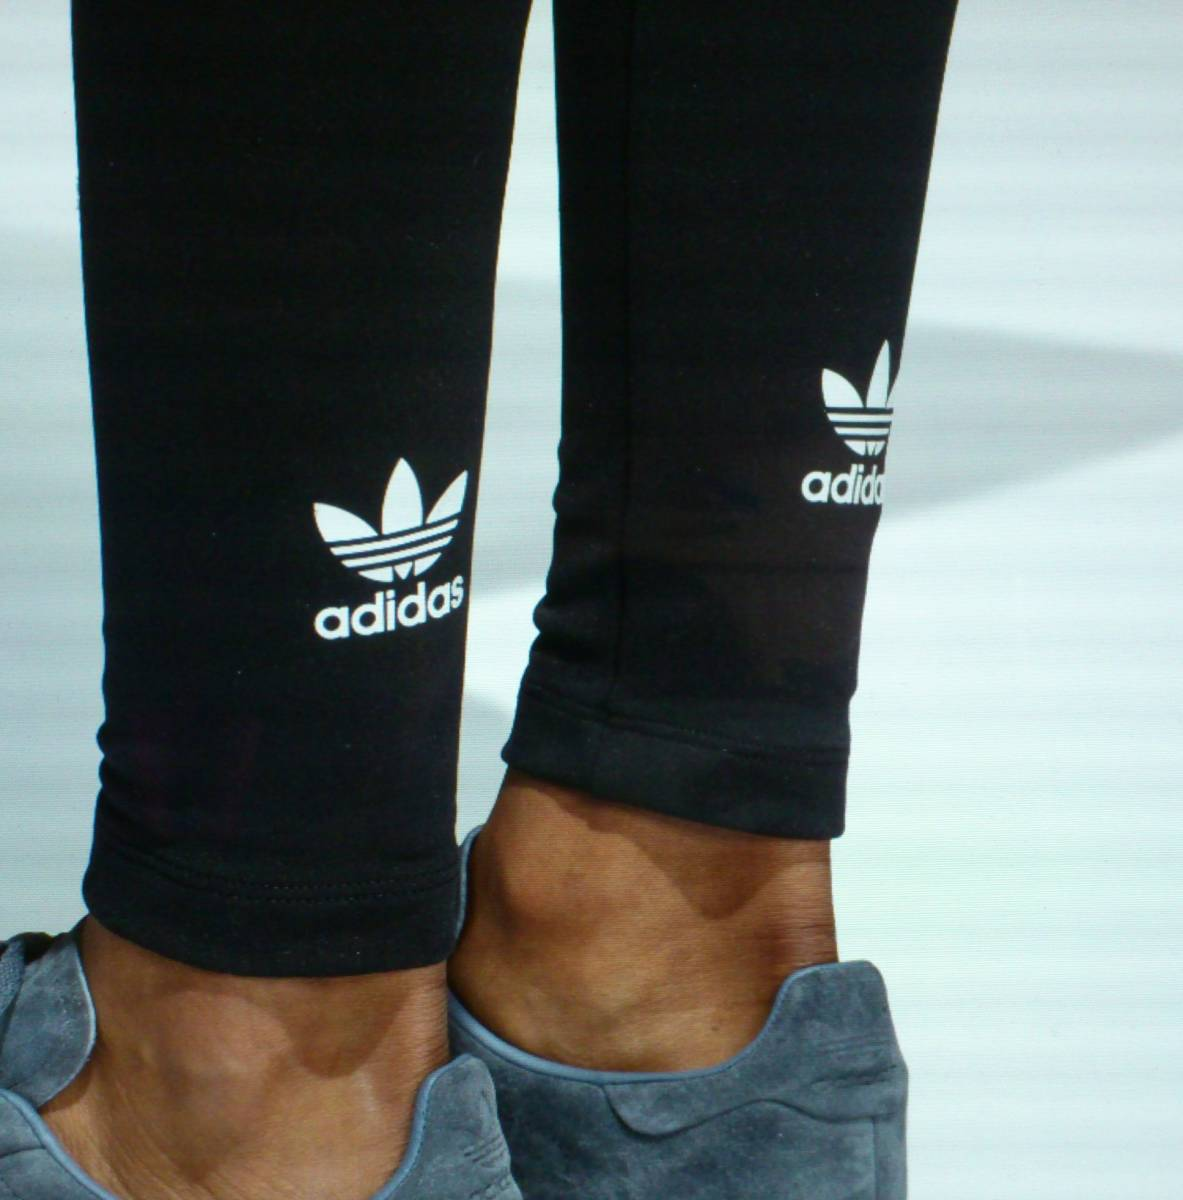 完売・アディダスジャパン正規・黒OTサイズ・新品タグ付 adidas Originals adicolor トレフォイル ロゴ タイツ・レギンス(CW5076)送料¥185_画像4